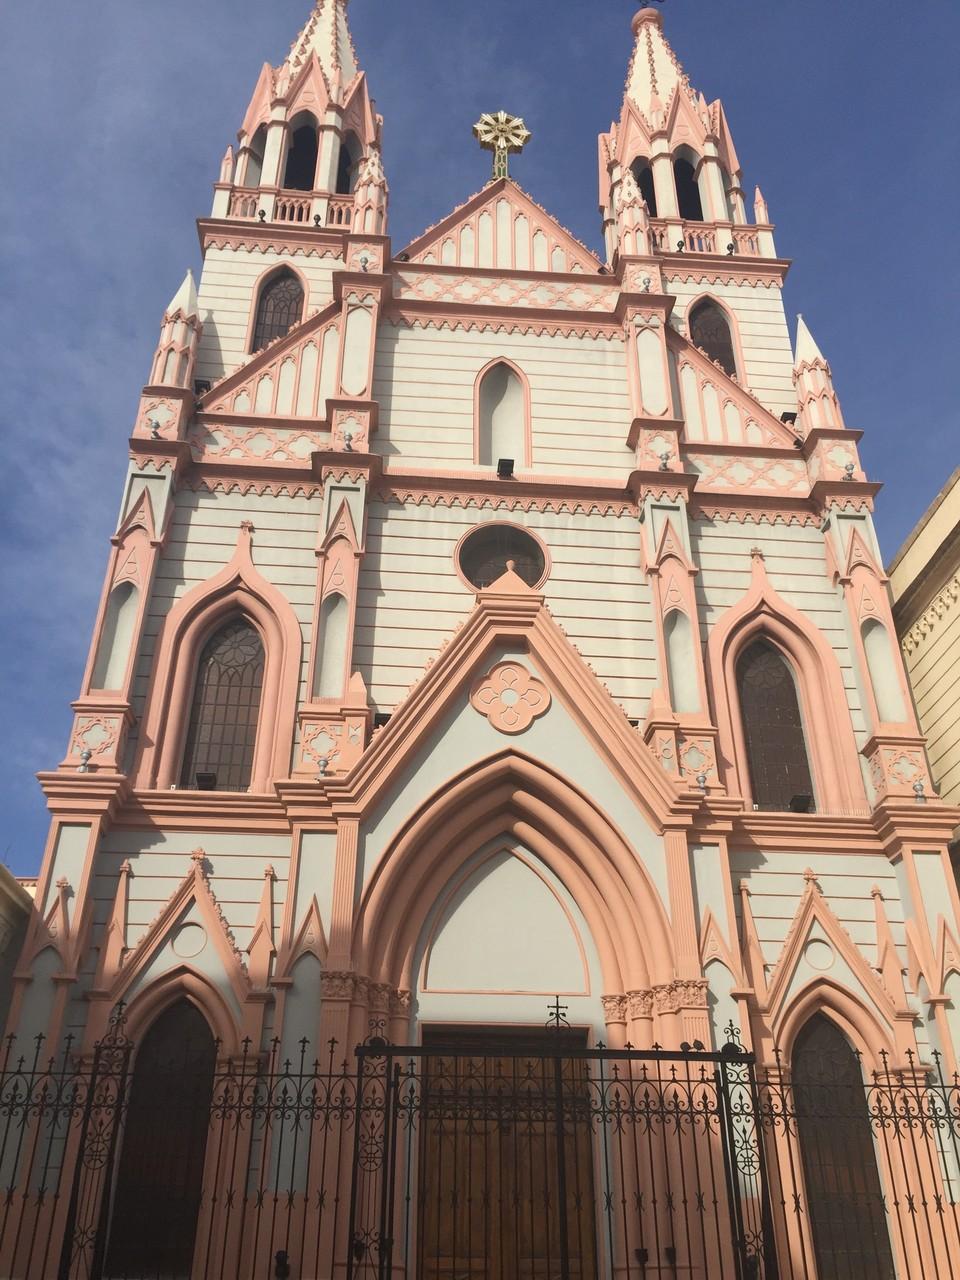 Die alten Kirchen und Häuser sind fantastisch